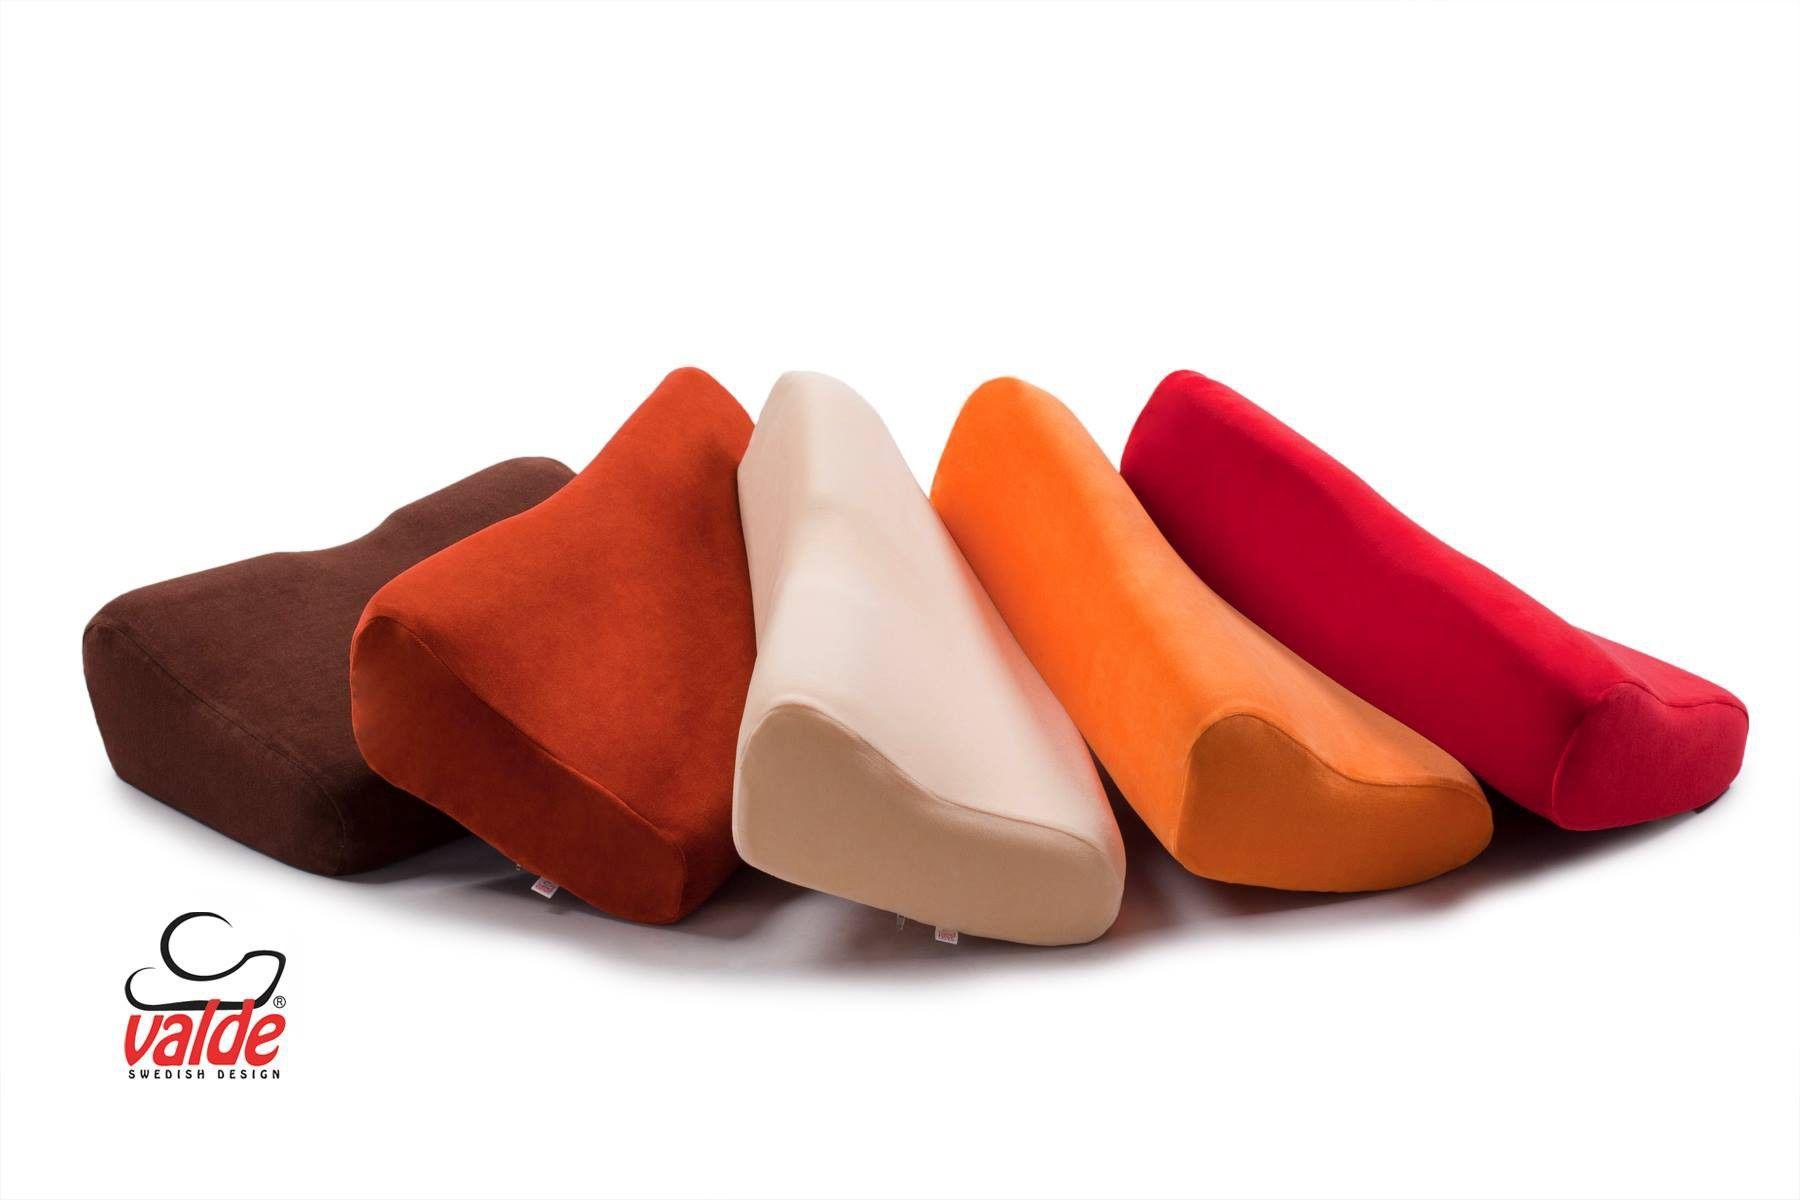 Poszewka na poduszkę ortopedyczną B1- B8 Valde : kolor - ecru, wersja - welur